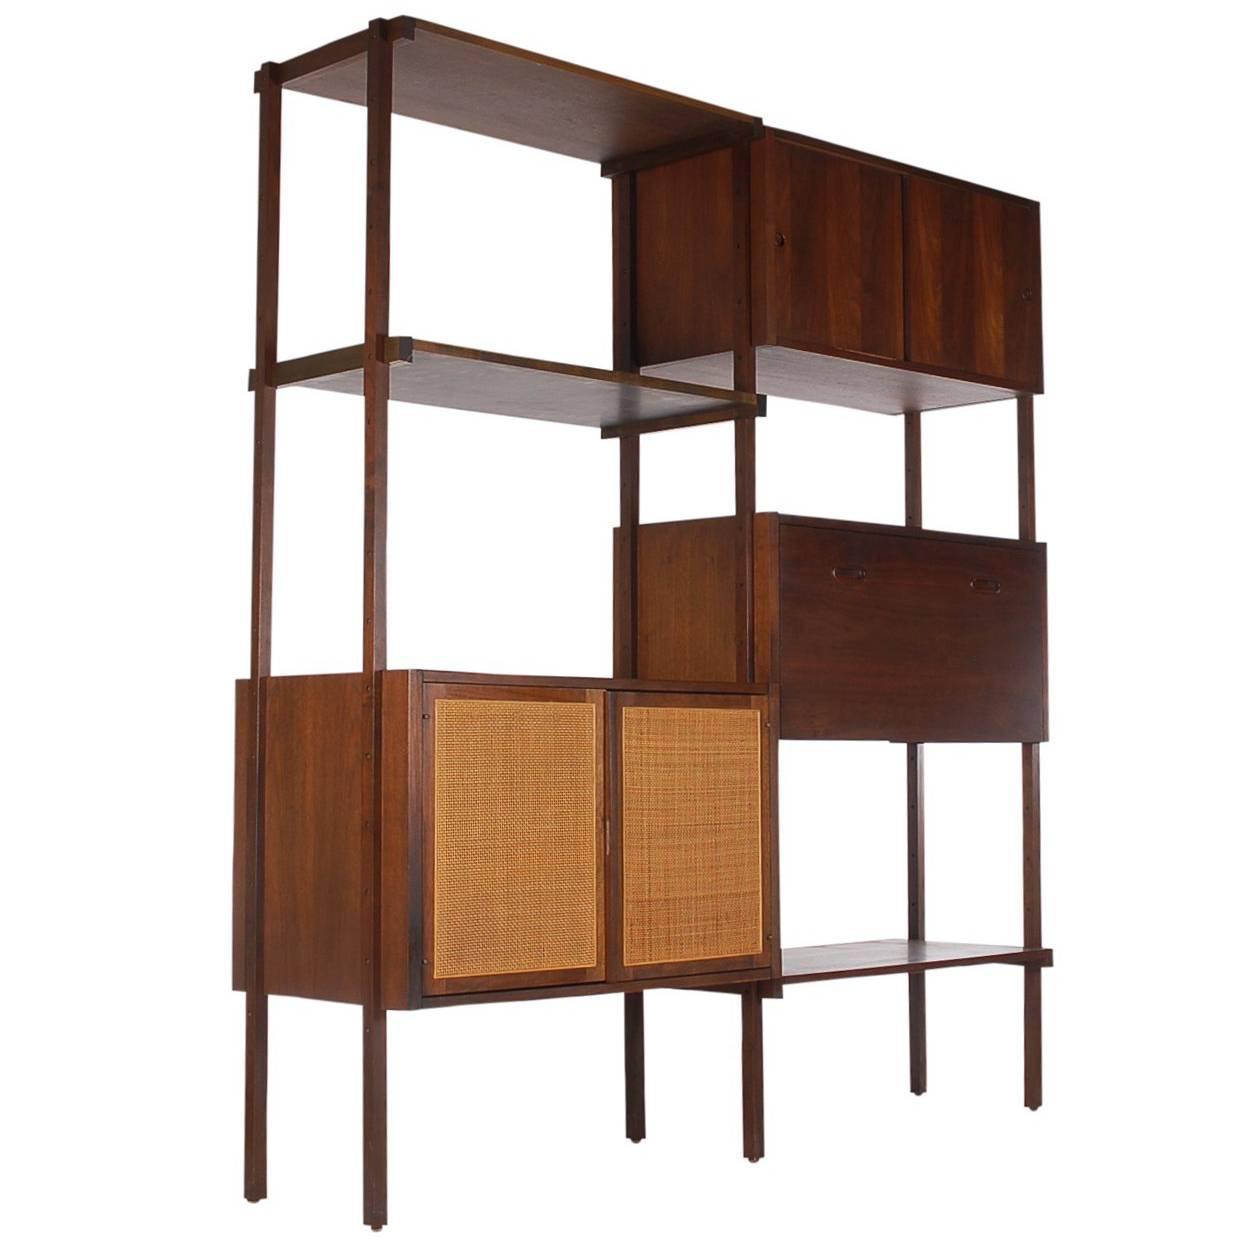 Modern Shelf Unit Wall Shelves Design Modern Design White